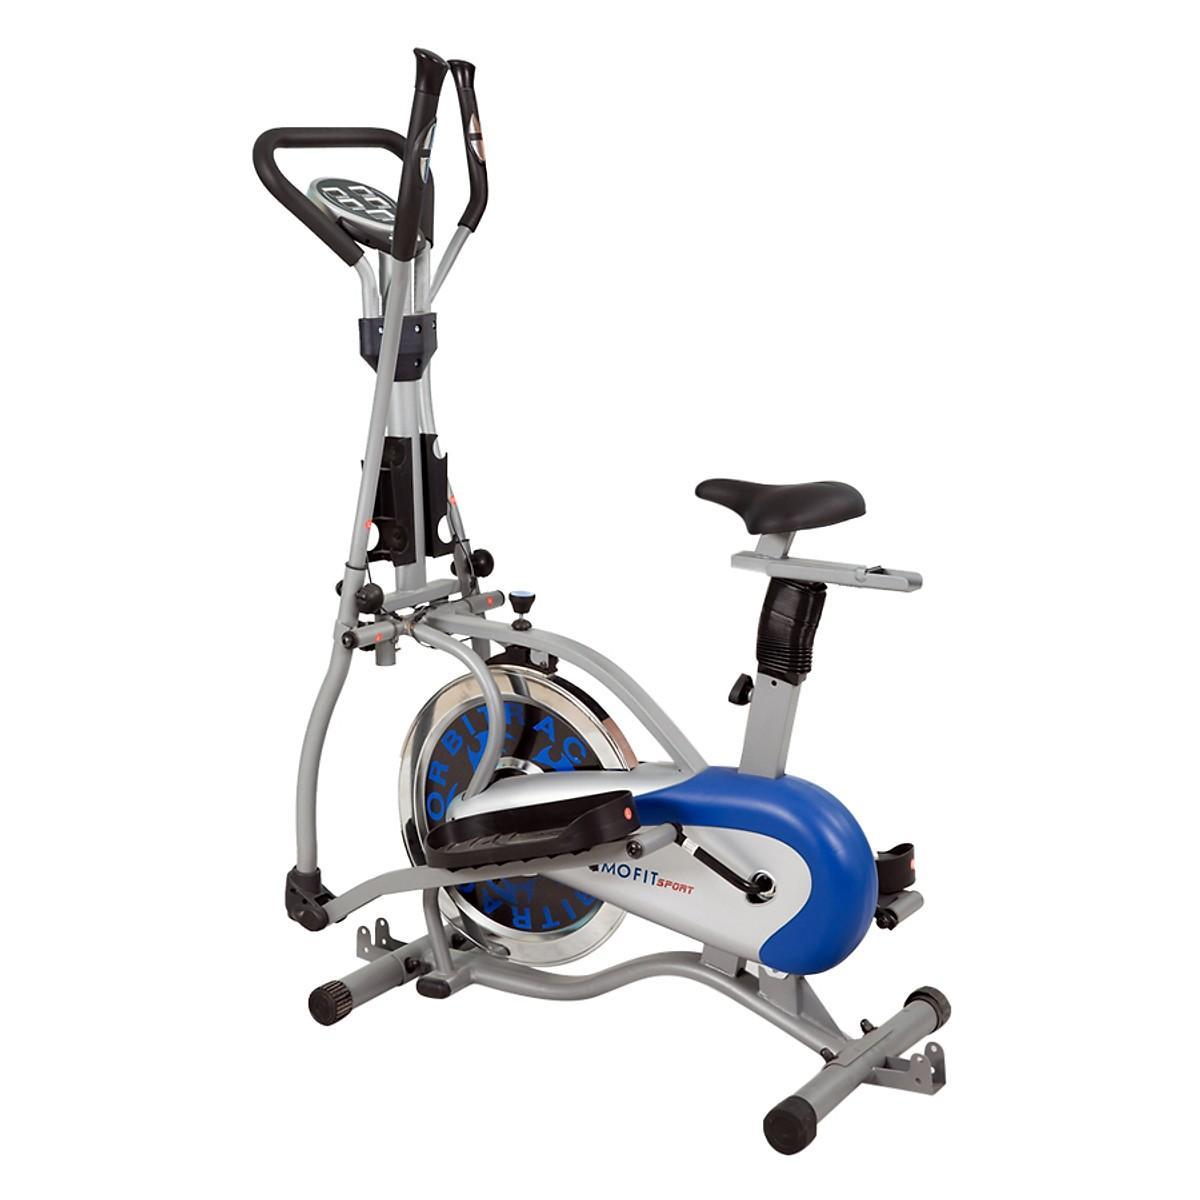 Bảng giá Airbike sport - Xe đạp obitrack 2085